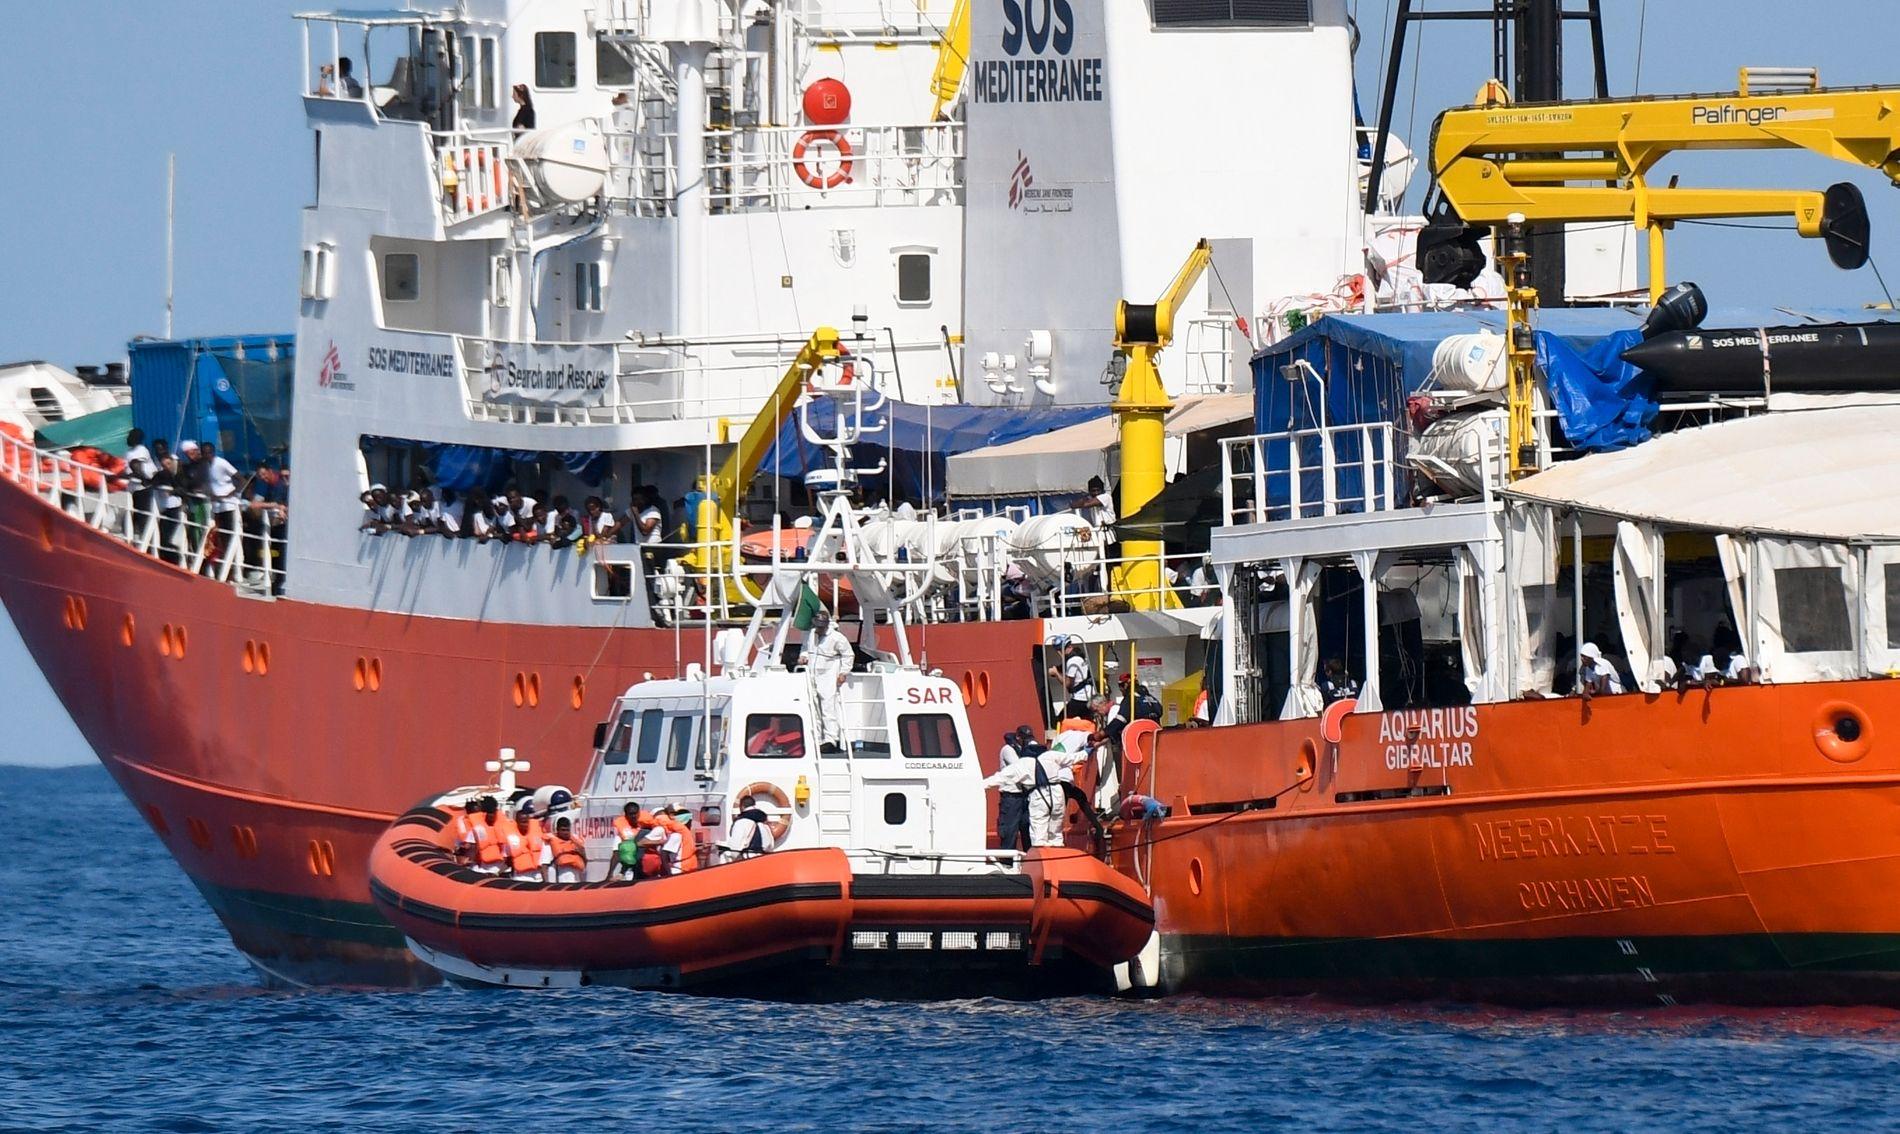 AQUARIUS: Et italiensk kystvaktfartøy ligger ved siden av Aquarius, som er på vei mot Spania med over 600 migranter.